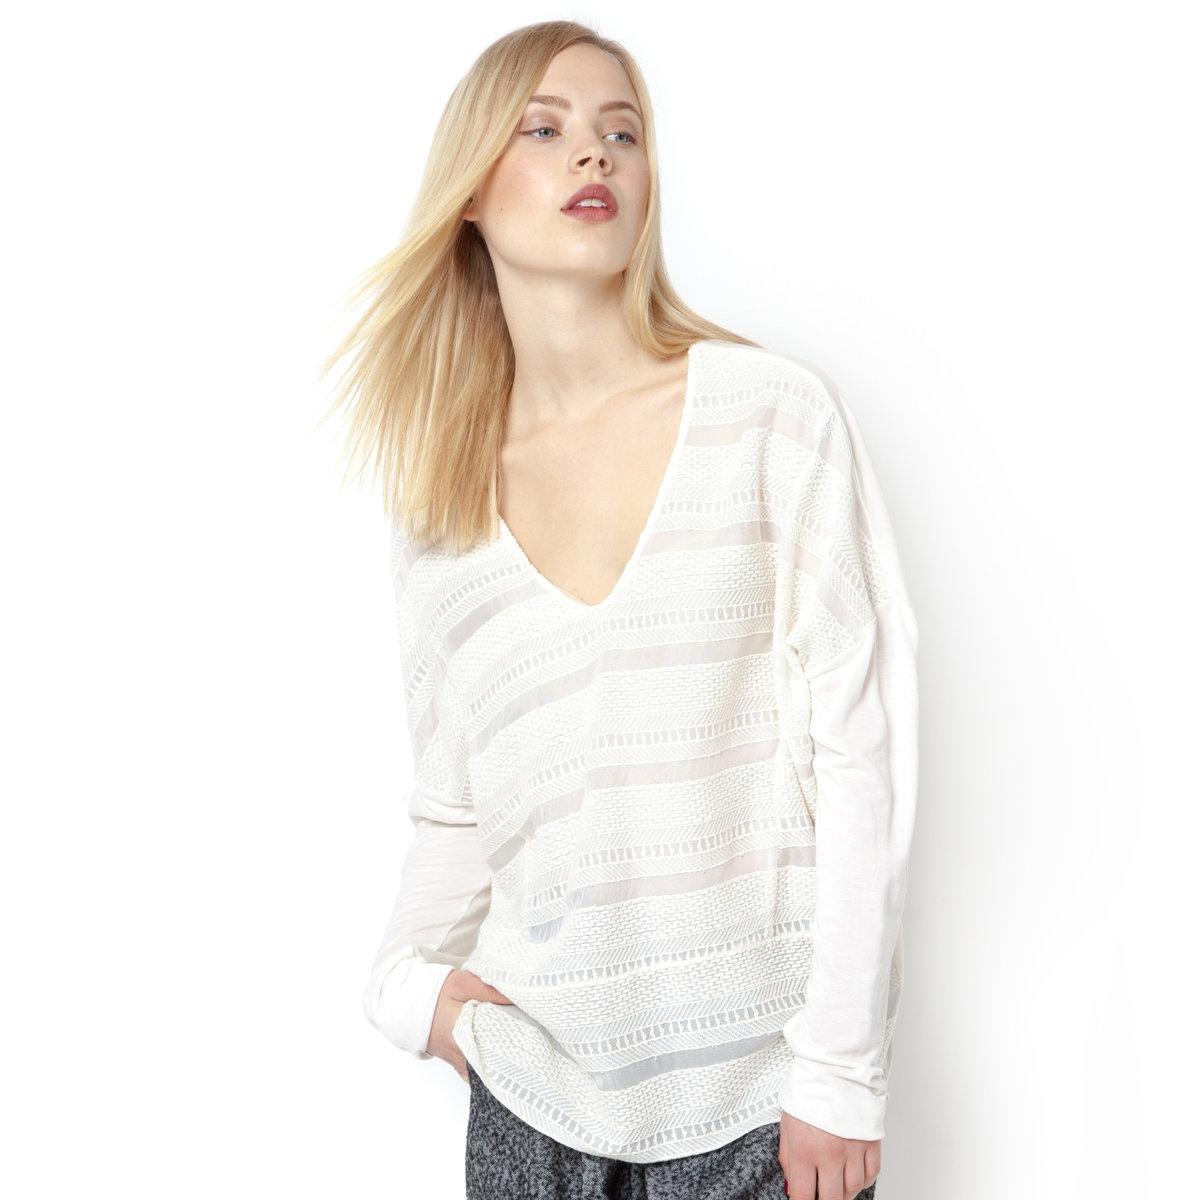 Блузка из ажурной ткани с длинными рукавамиБлузка из ажурной ткани - NOA NOA. Длинные рукава. V-образный вырез. Оригинальное сочетание полос ажурной ткани и вышивки спереди.100% вискозы.<br><br>Цвет: экрю<br>Размер: 38 (FR) - 44 (RUS)